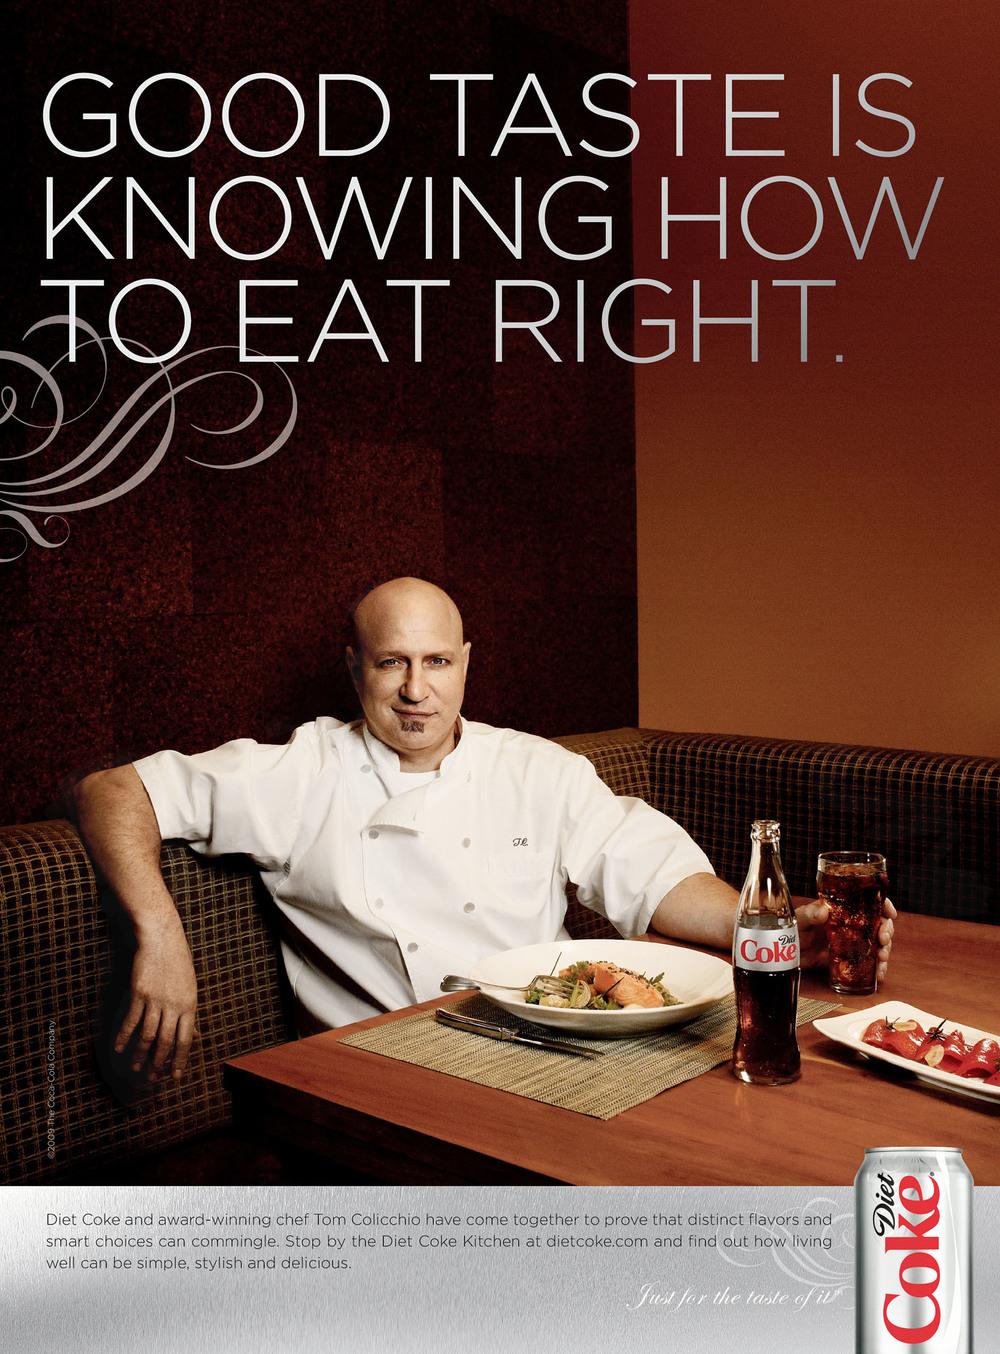 Tom Colicchio for Diet Coke - Las Vegas, NV